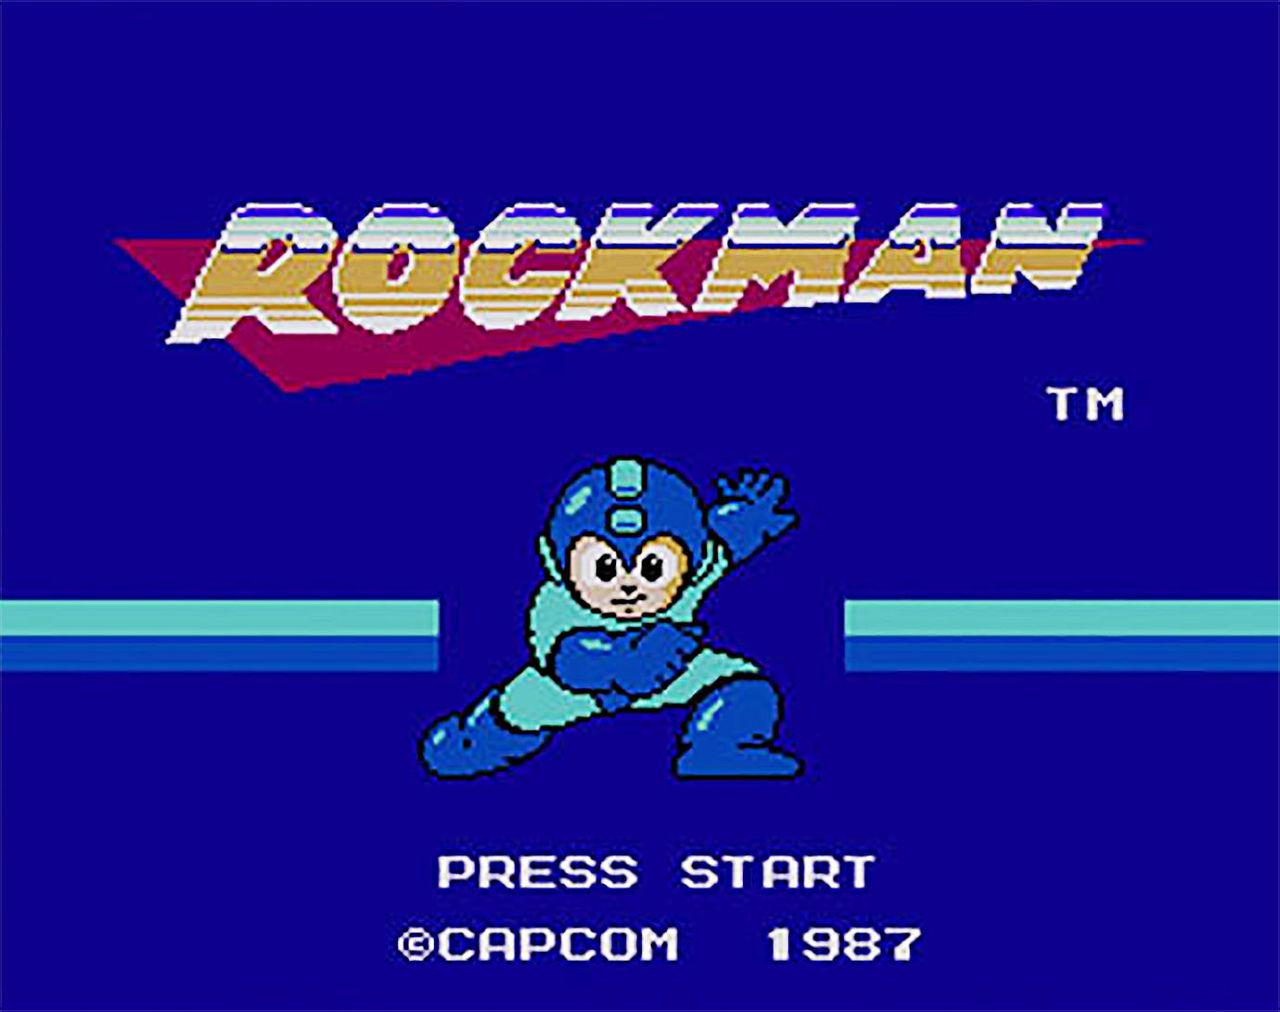 【神対応】間違って任天堂に送ったロックマンボスロボット案のハガキ  任天堂から「ワイリー博士に送っといた!」と返事